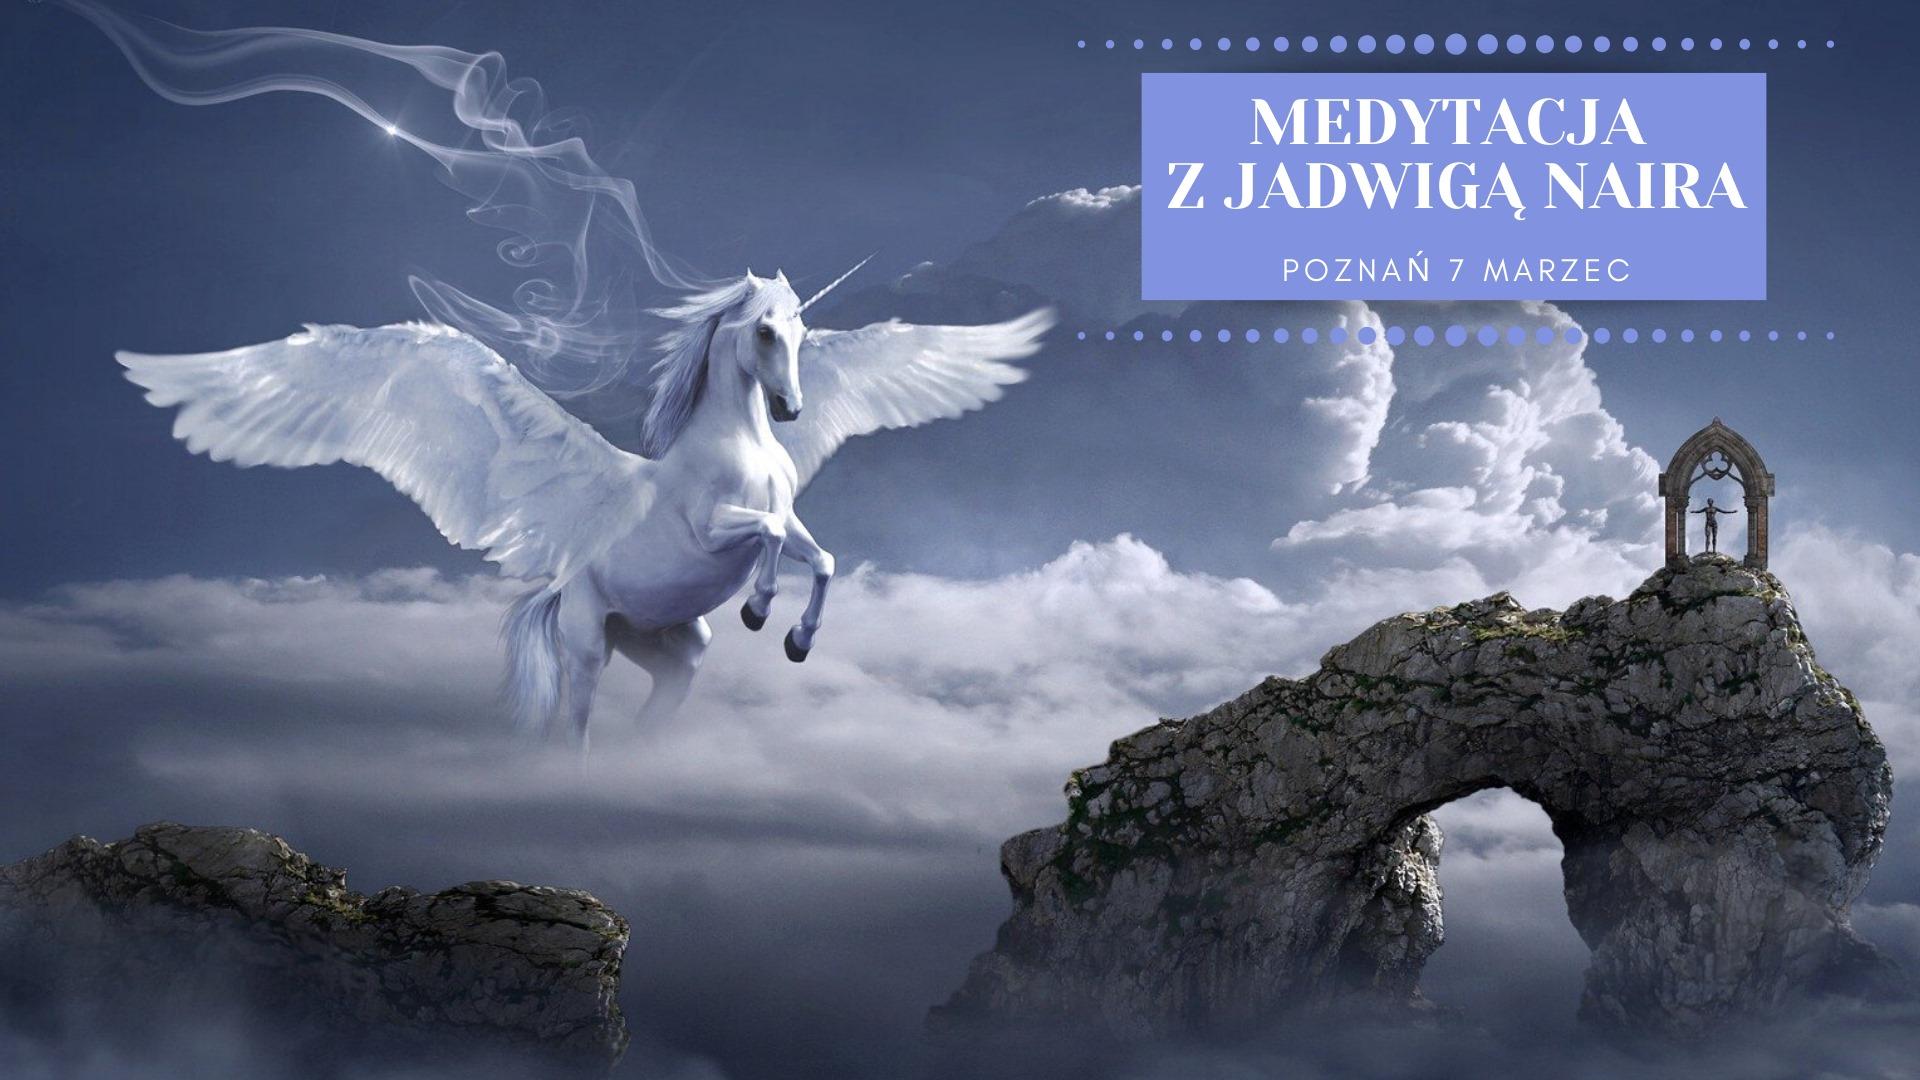 Medytacja z Jadwigą Nairą / Poznań